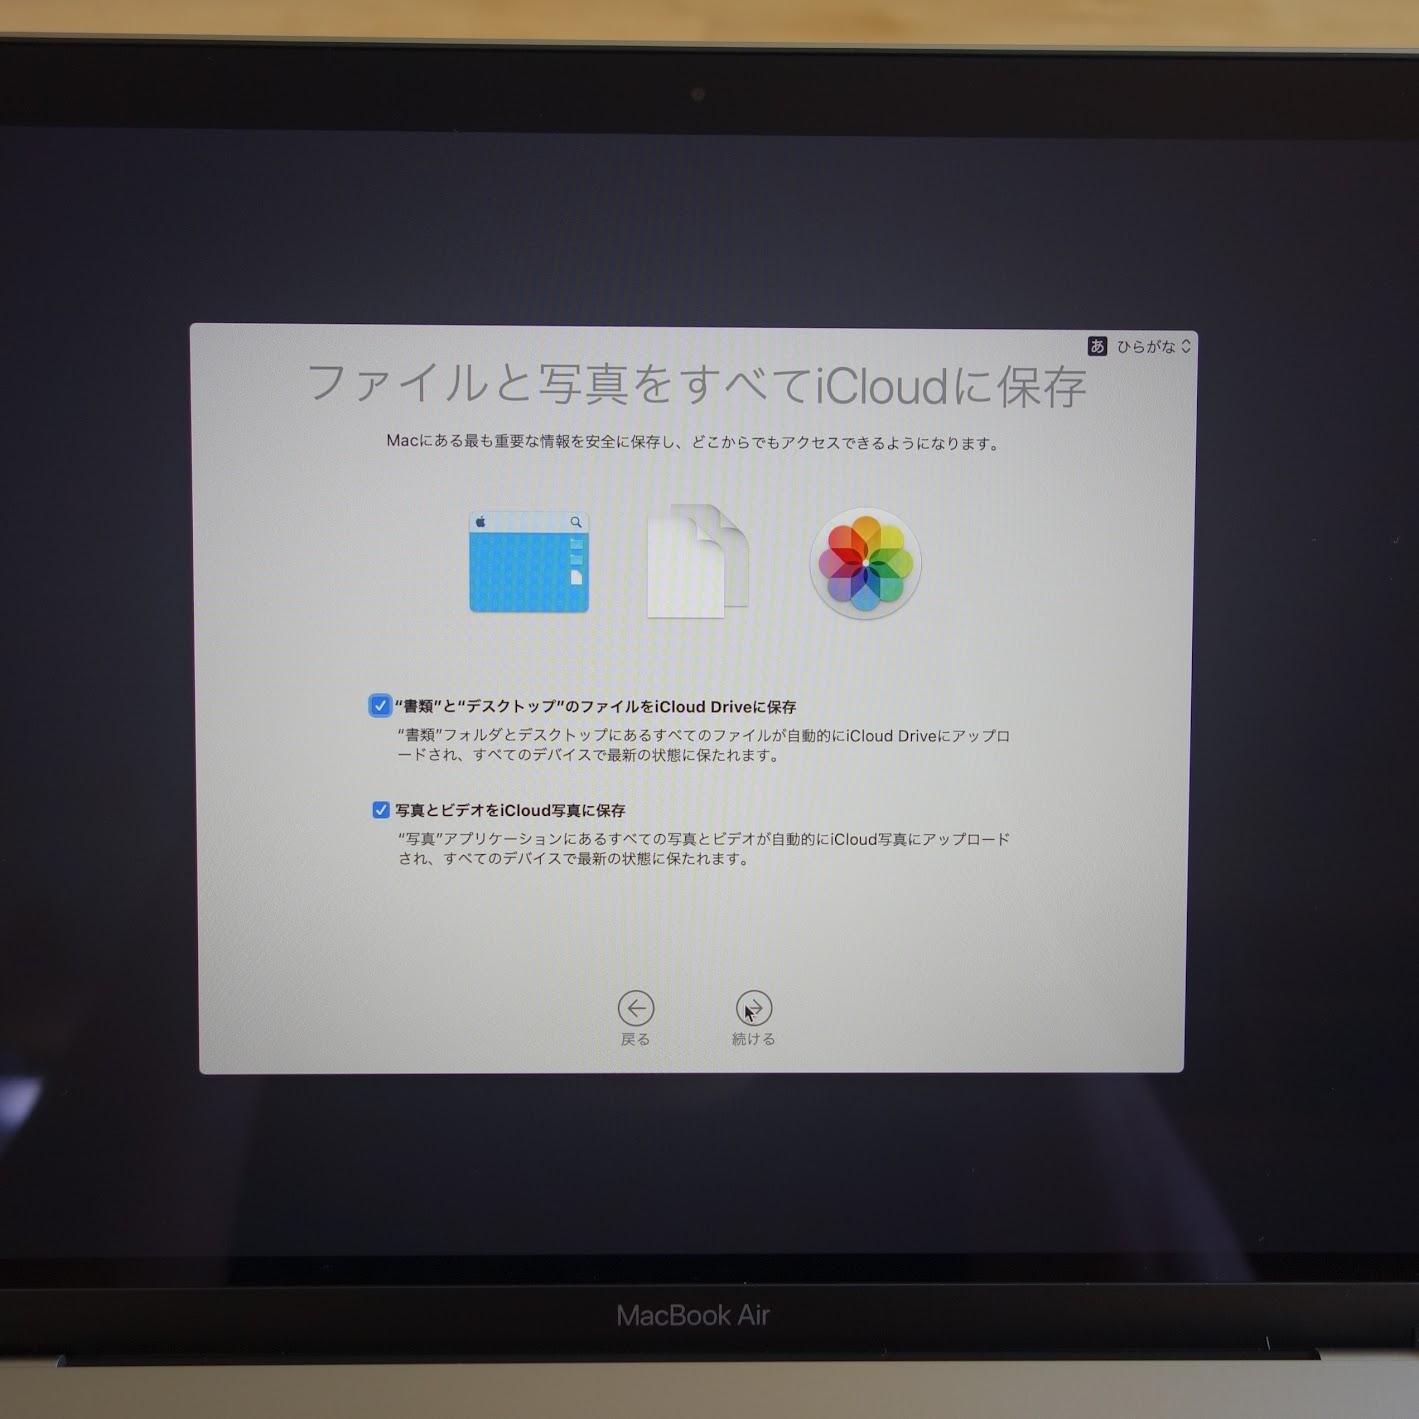 MacBook Air iCloud